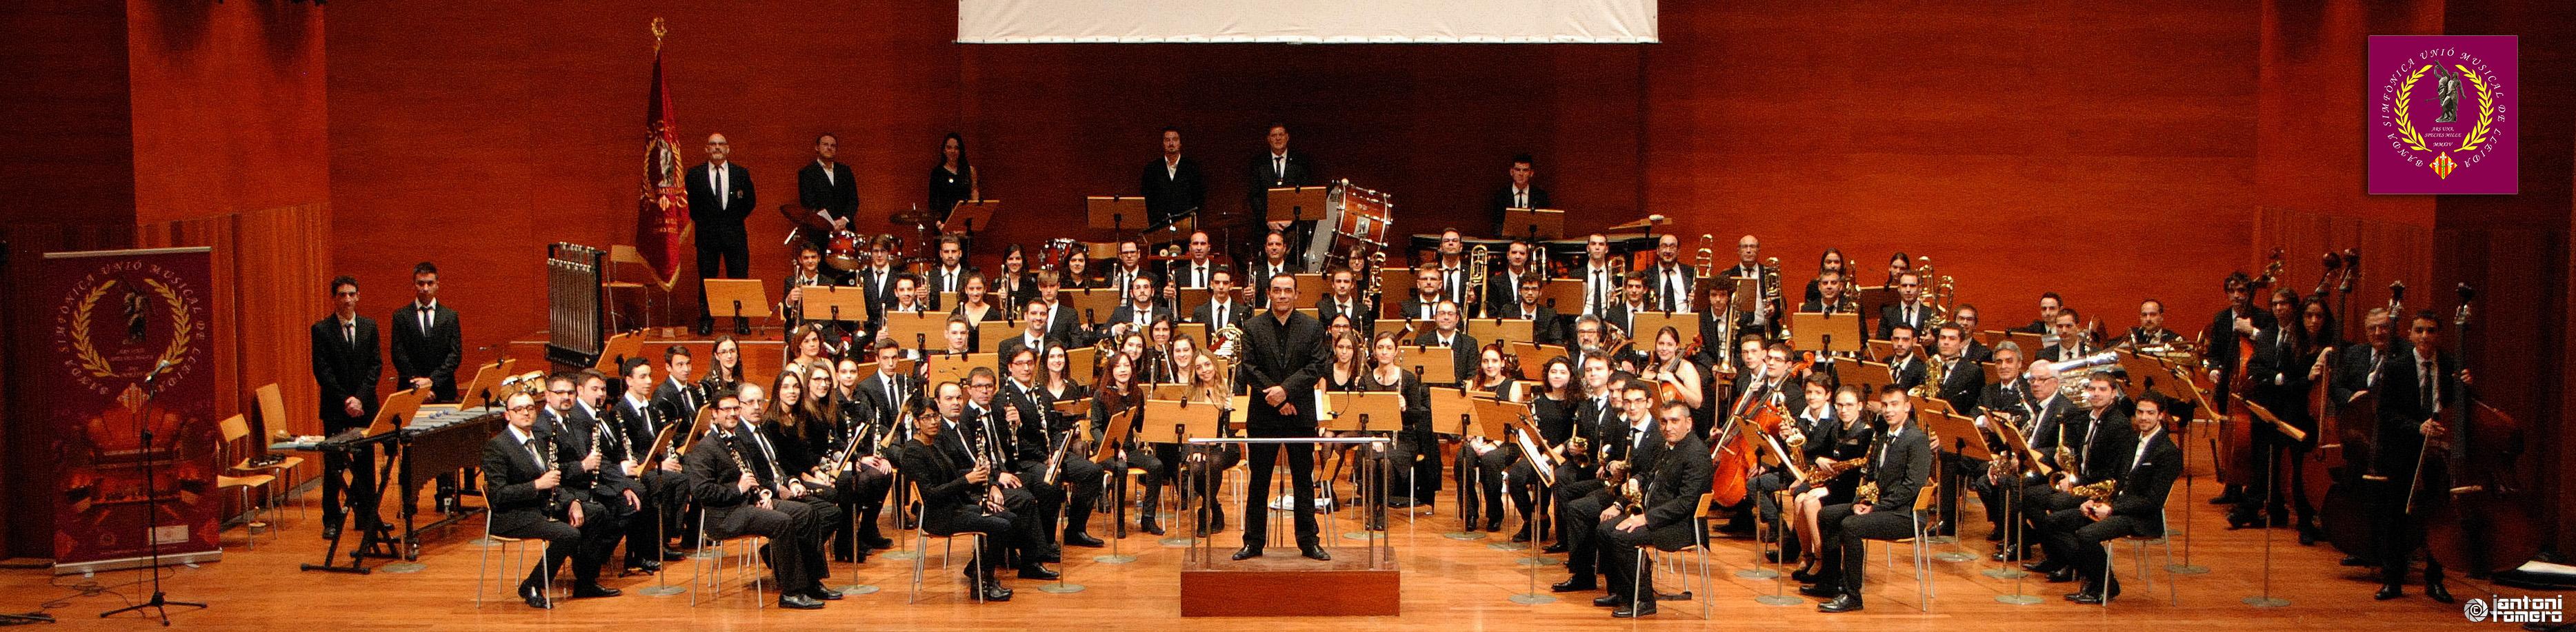 EL AMOR BRUJO. MAYTE MARTÍN I LA BANDA SIMFÒNICA UNIÓ MUSICAL DE LLEIDA